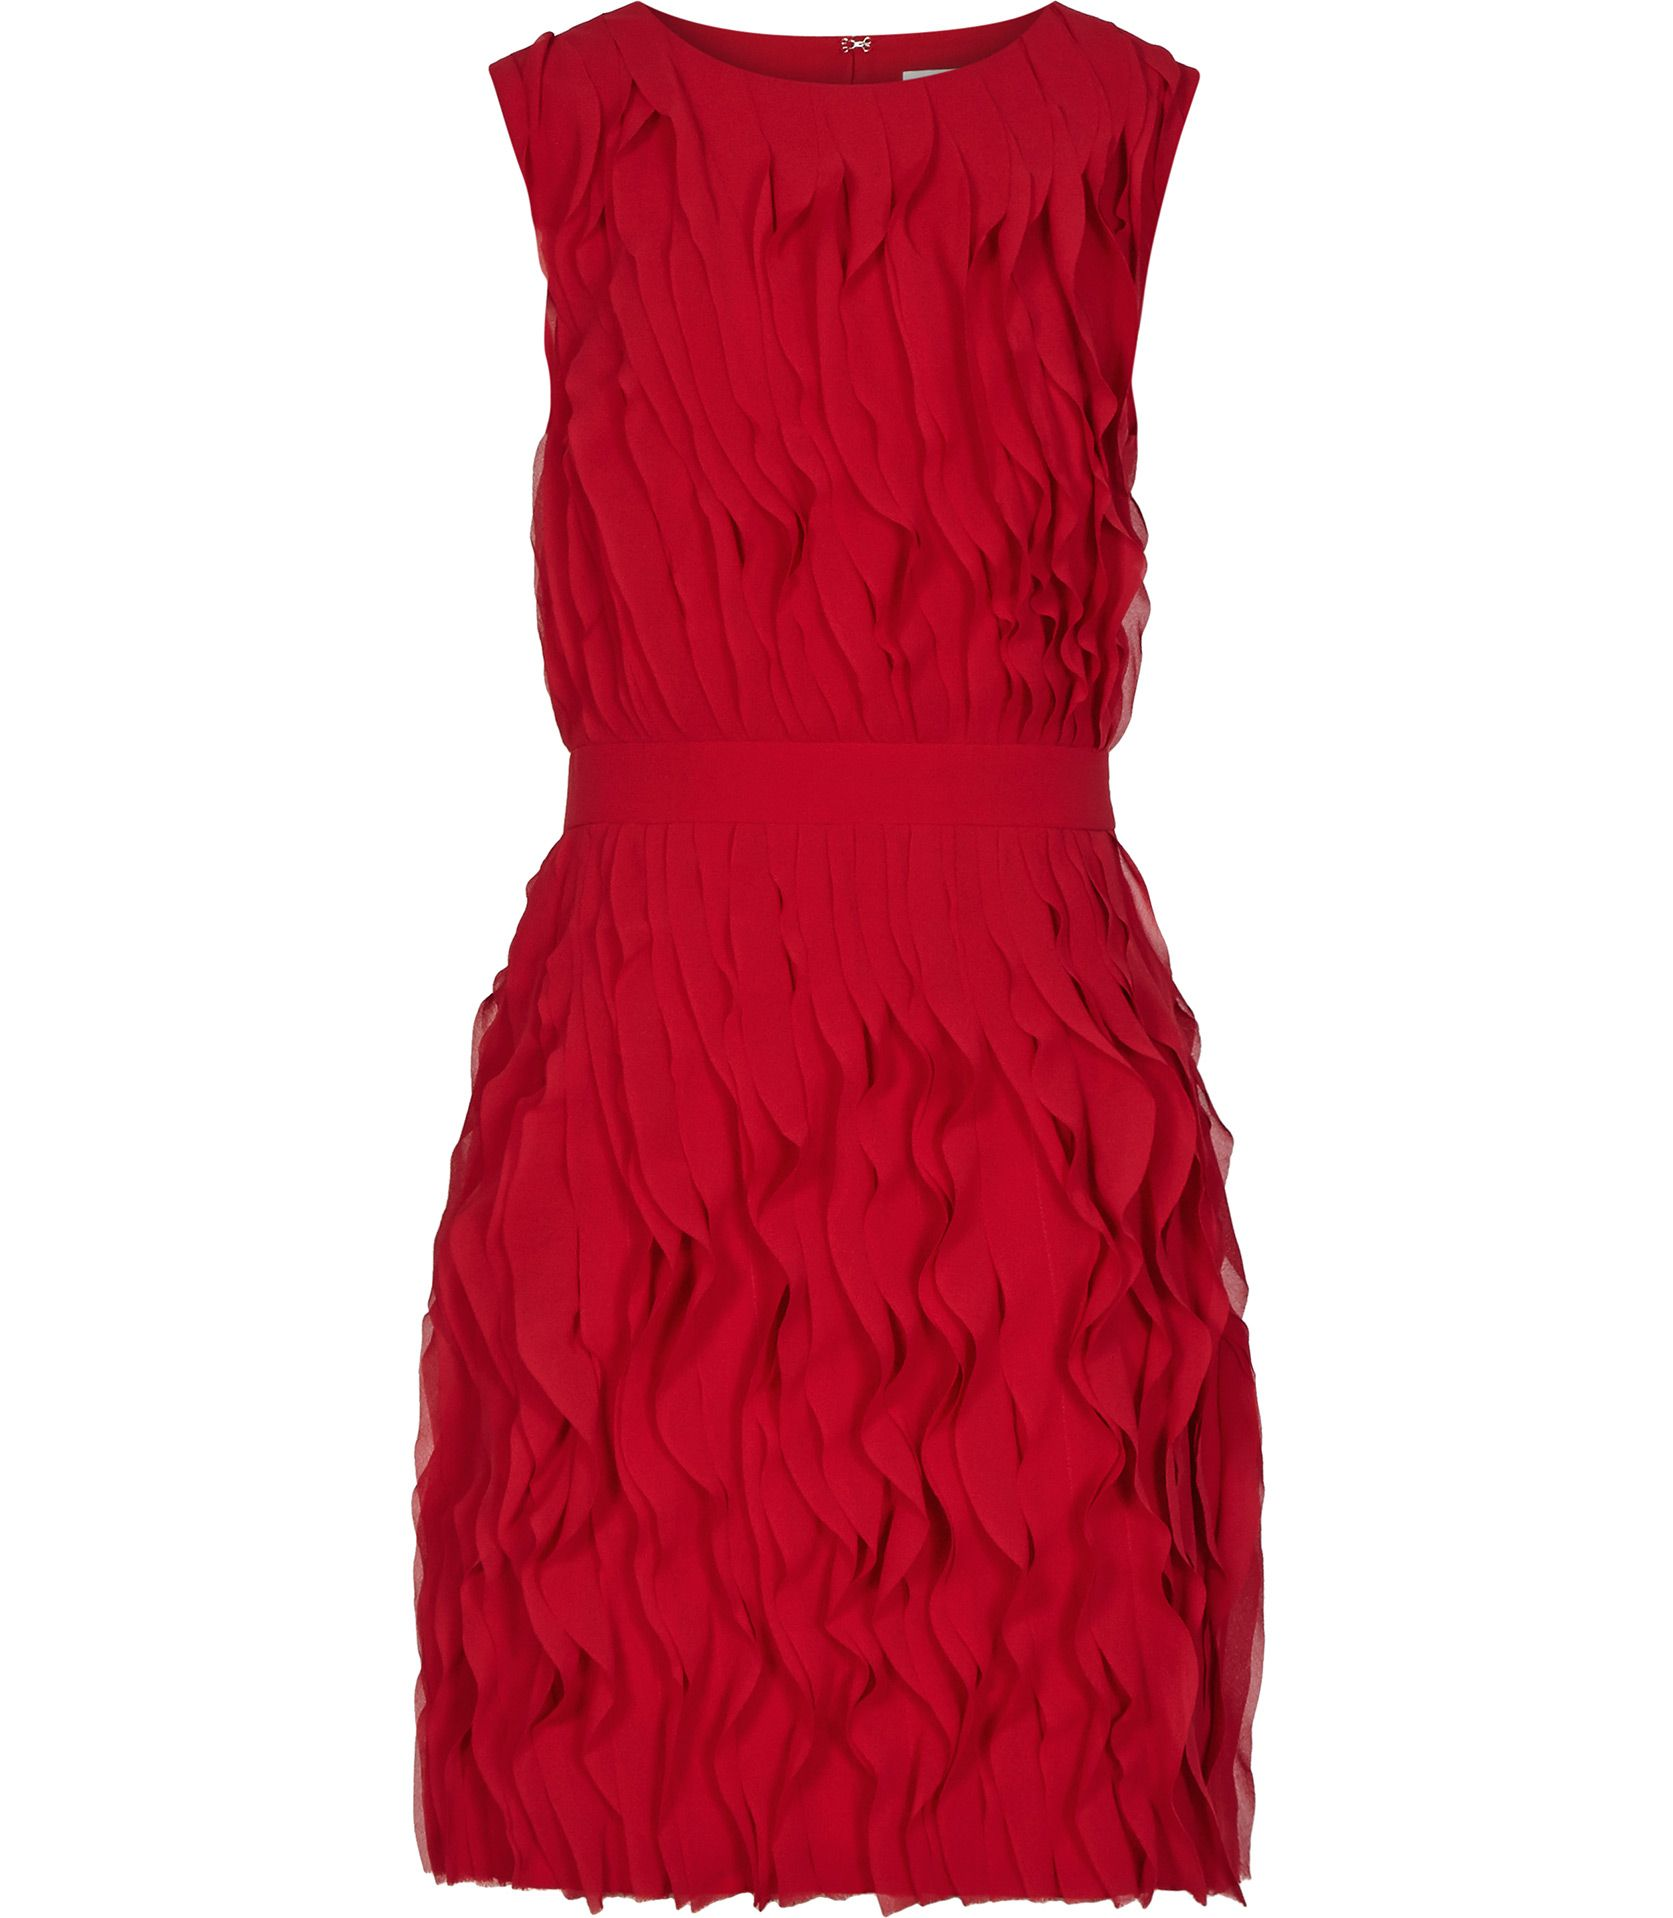 Womens Cherry Red Ruffle-detail Dress - Reiss Jasmine | Pretty ...